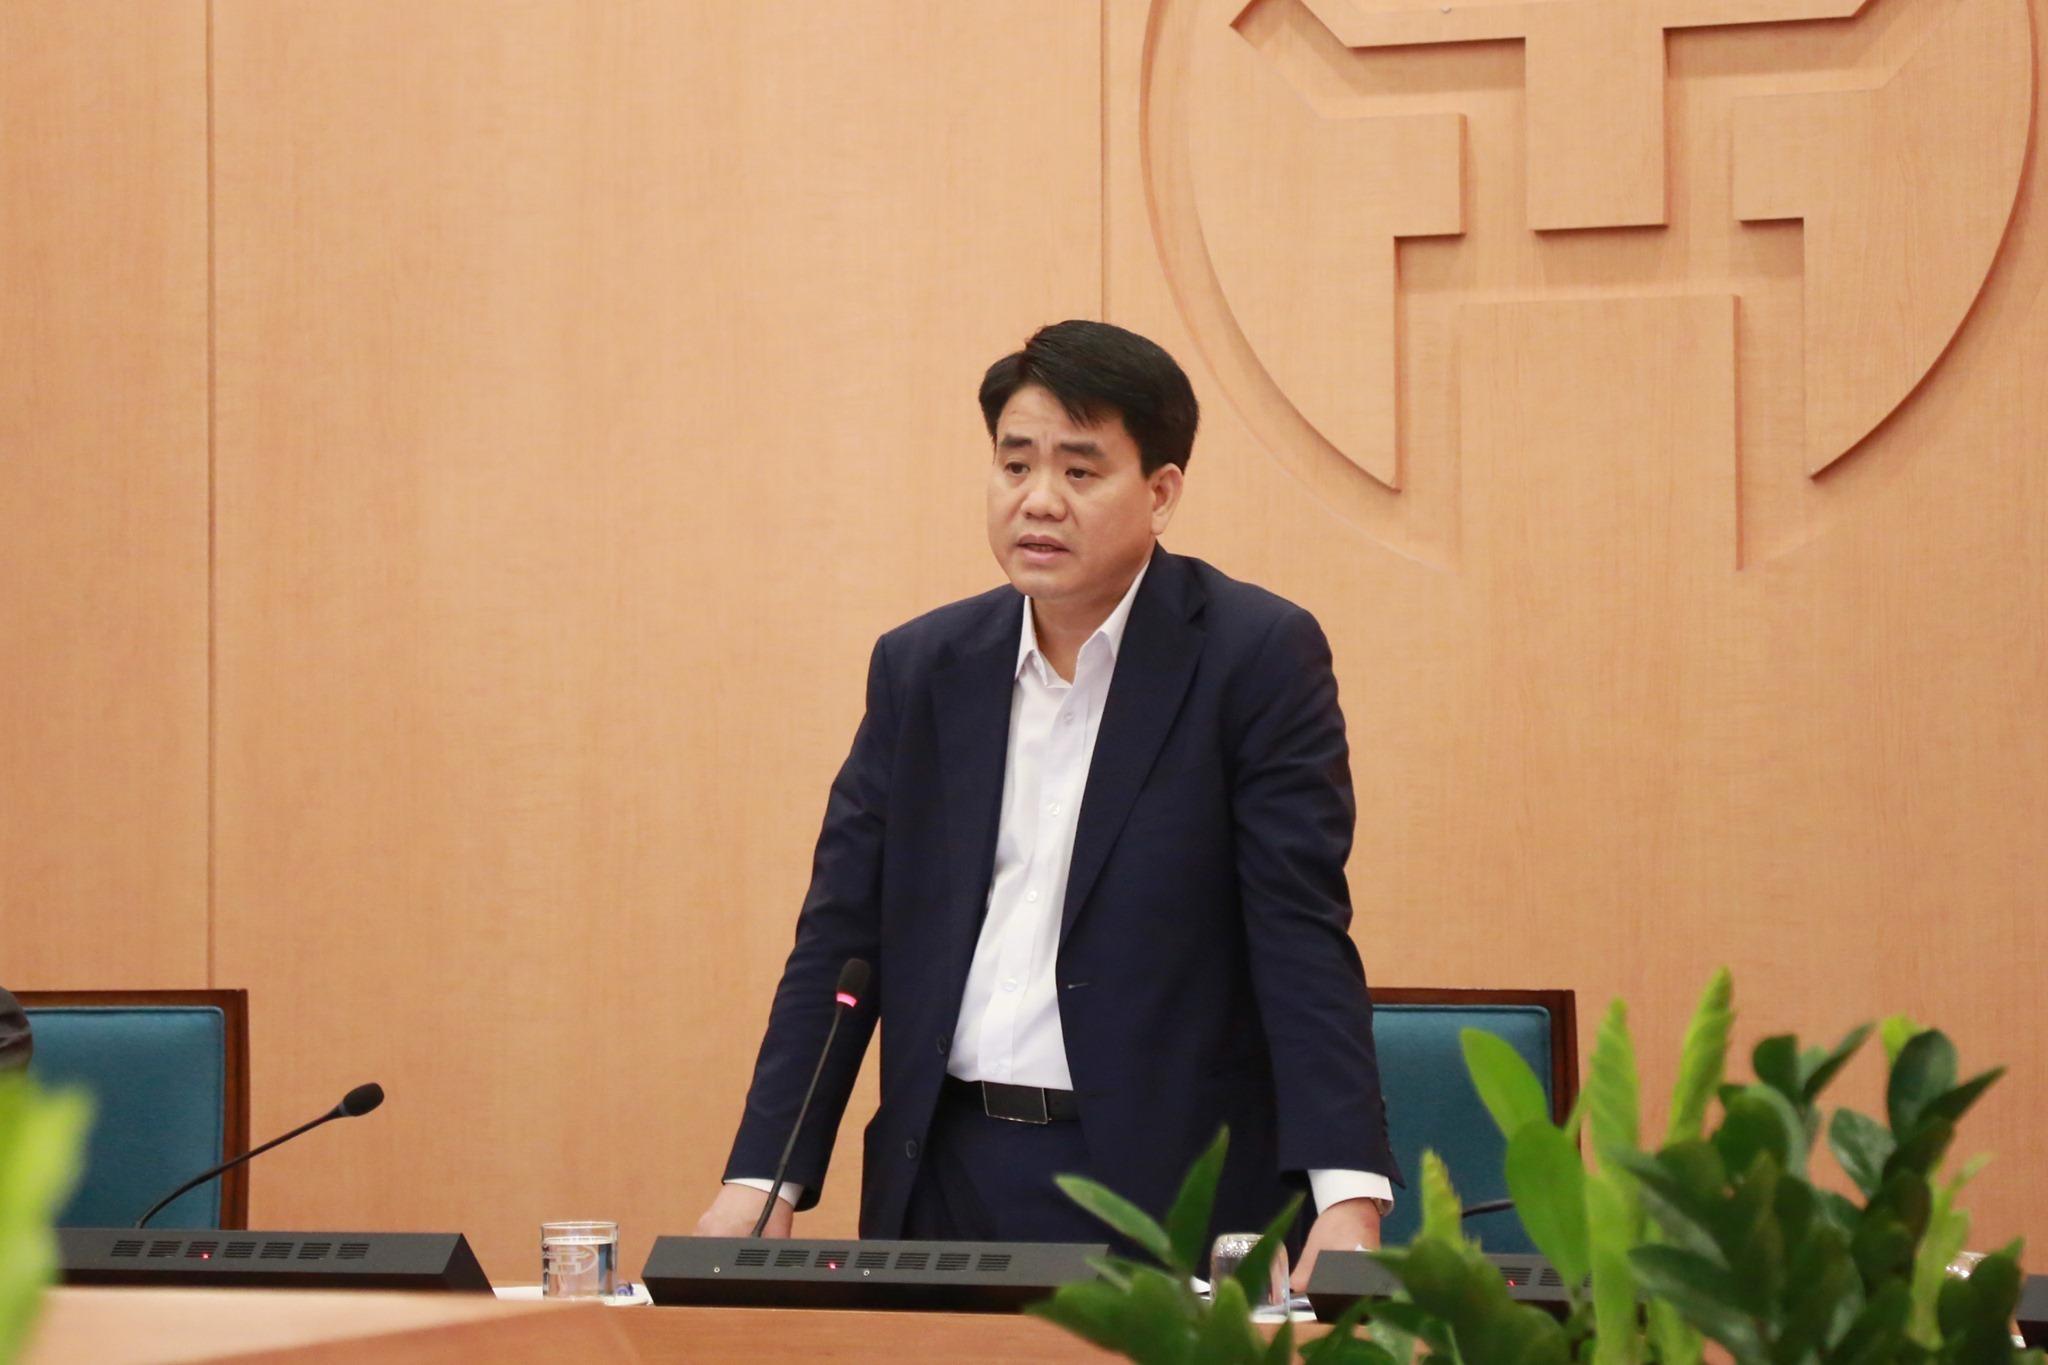 Xét tặng ông Nguyễn Đức Chung huân chương vì thành tích chống dịch Covid-19